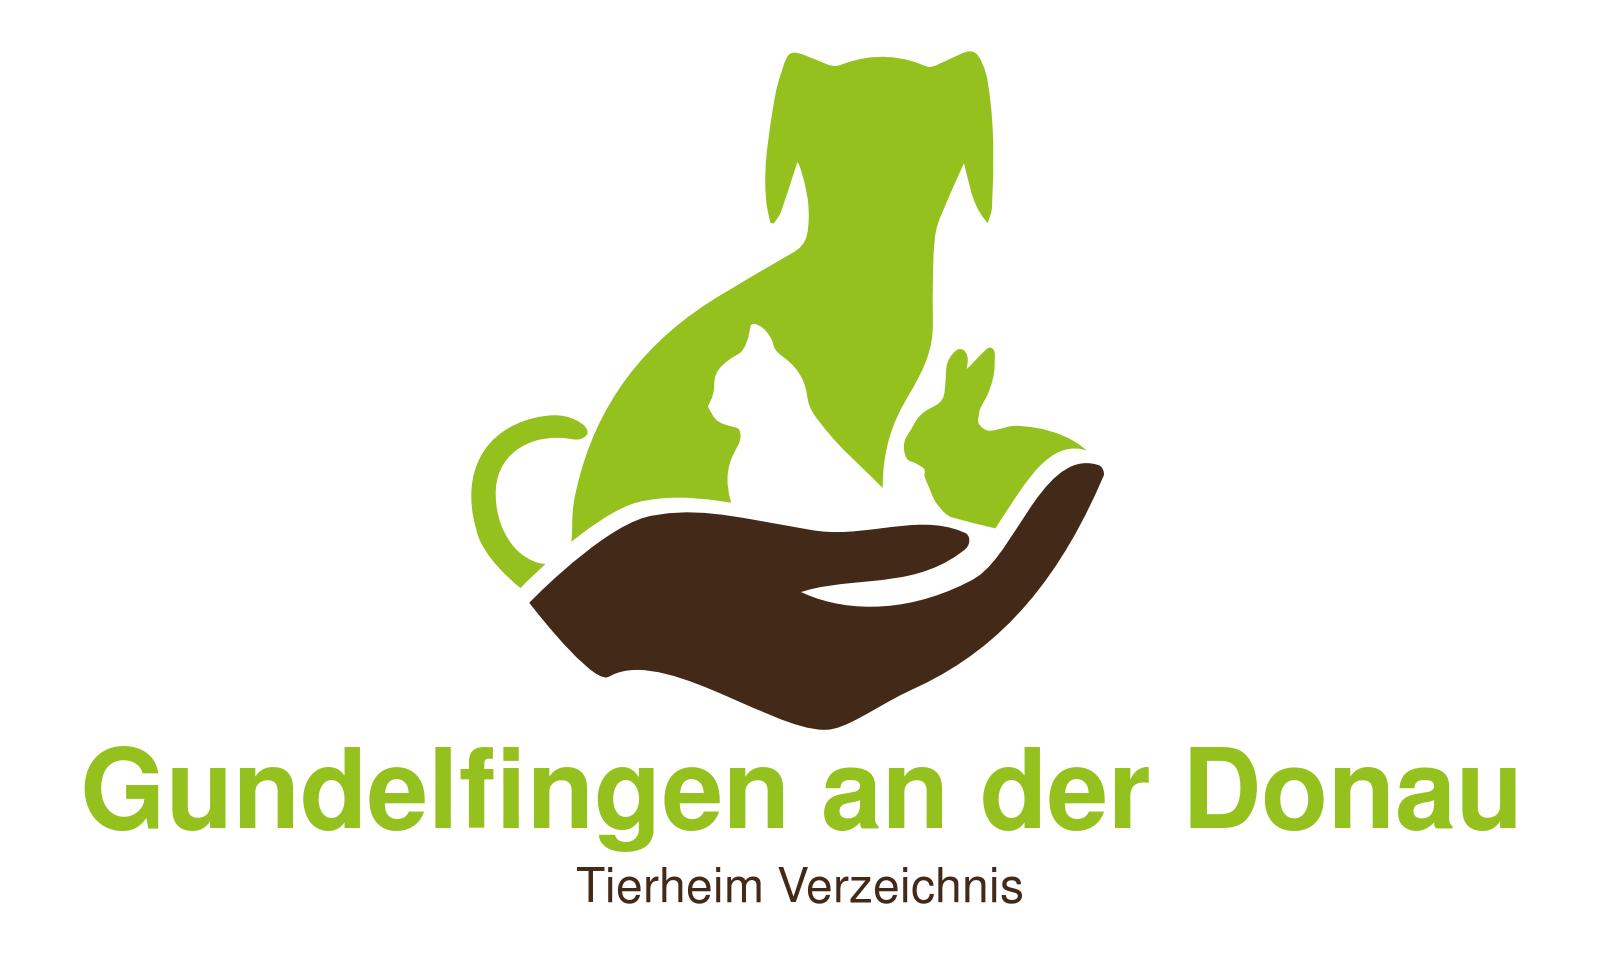 Tierheim Gundelfingen an der Donau